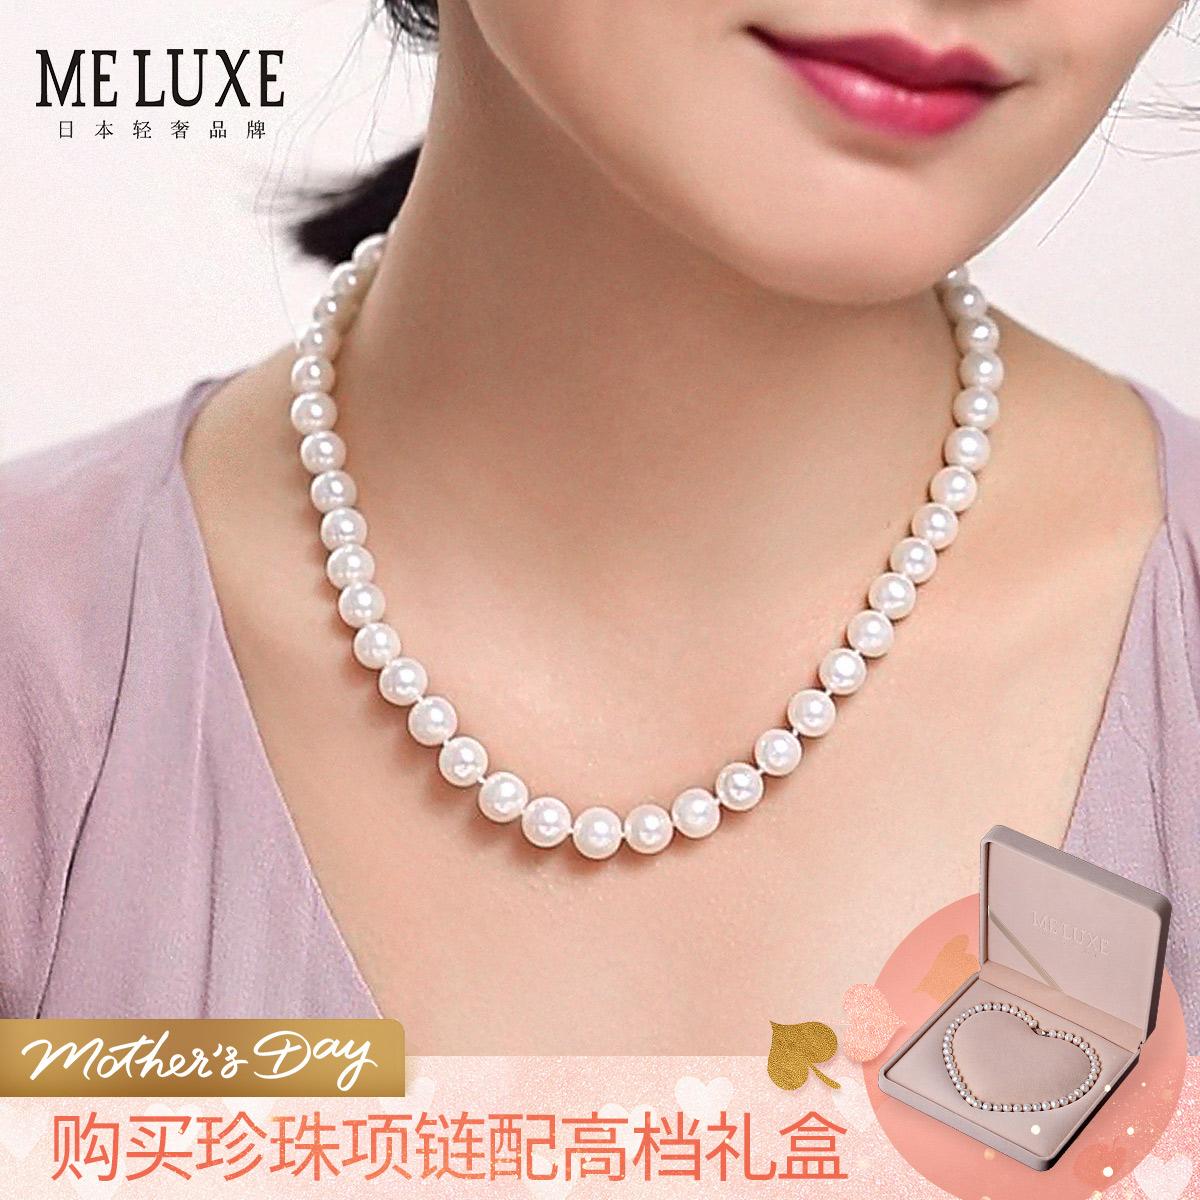 银淡水珍珠项链妈妈款近圆强光颈链串珠送婆婆礼物赠高档礼盒 S925